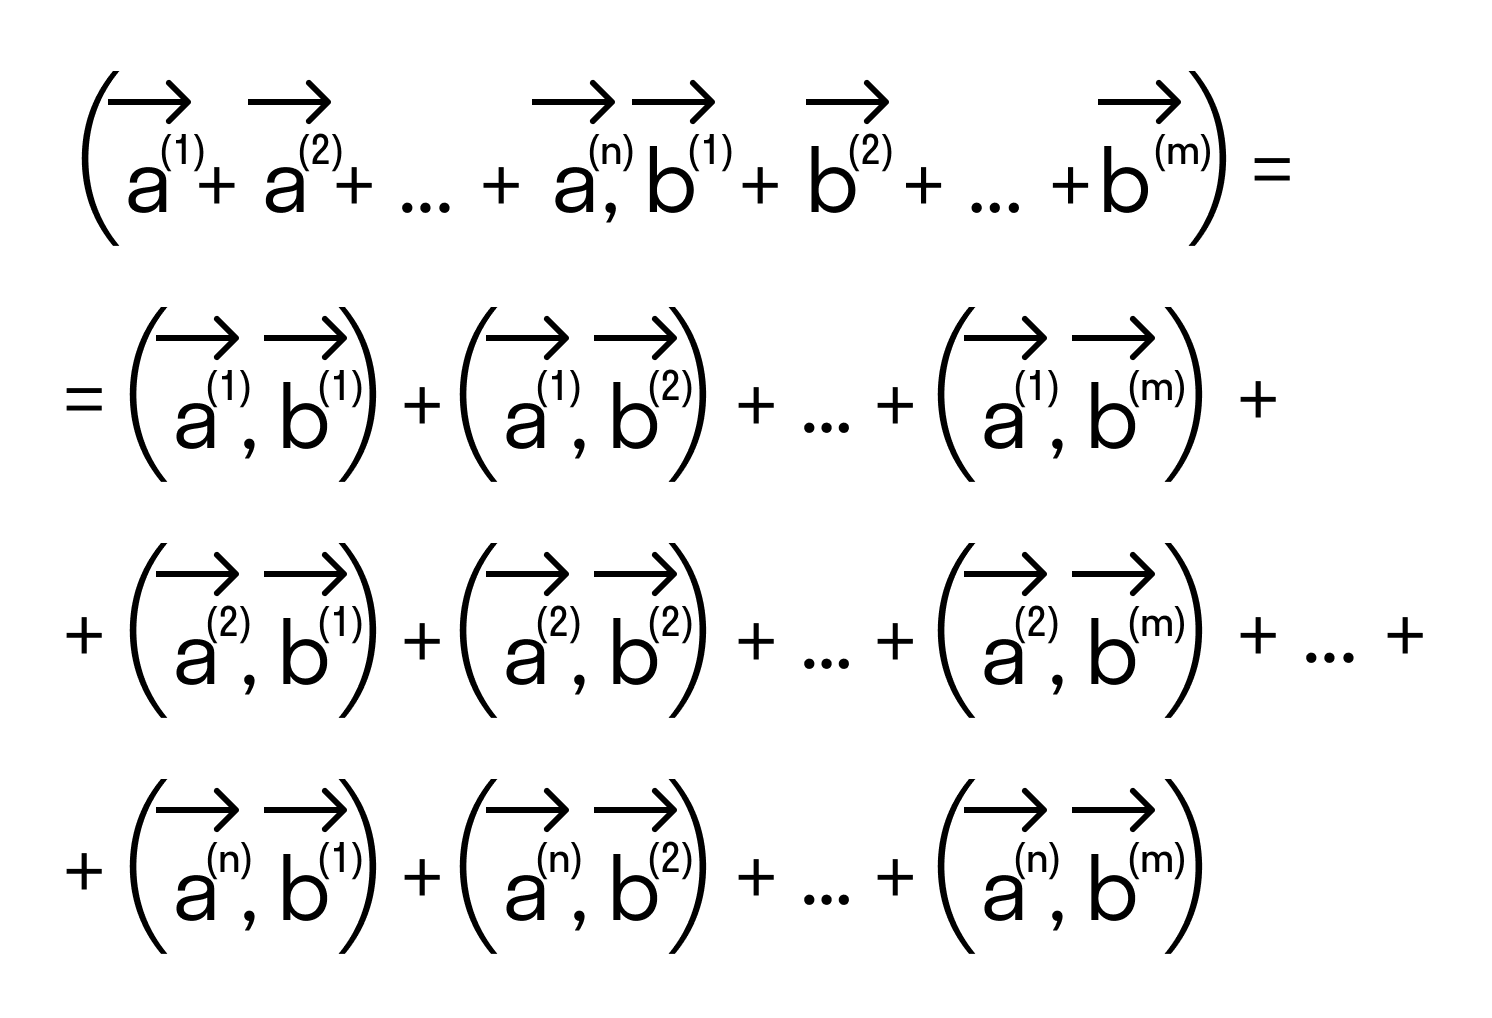 свойство дистрибутивности скалярного произведения справедливо для любого числа слагаемых рис3